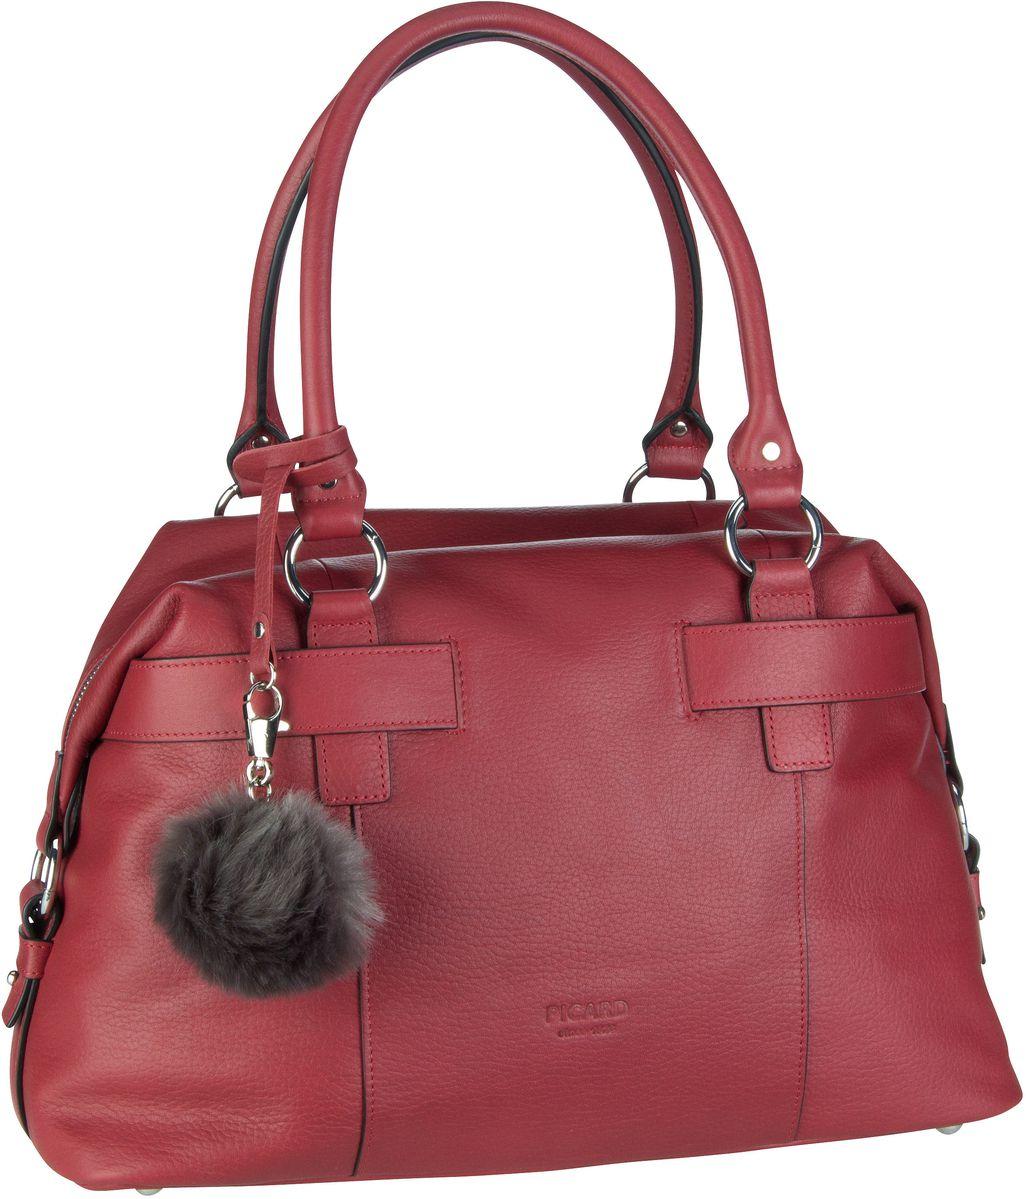 Handtasche Comfy 9290 Tango Red